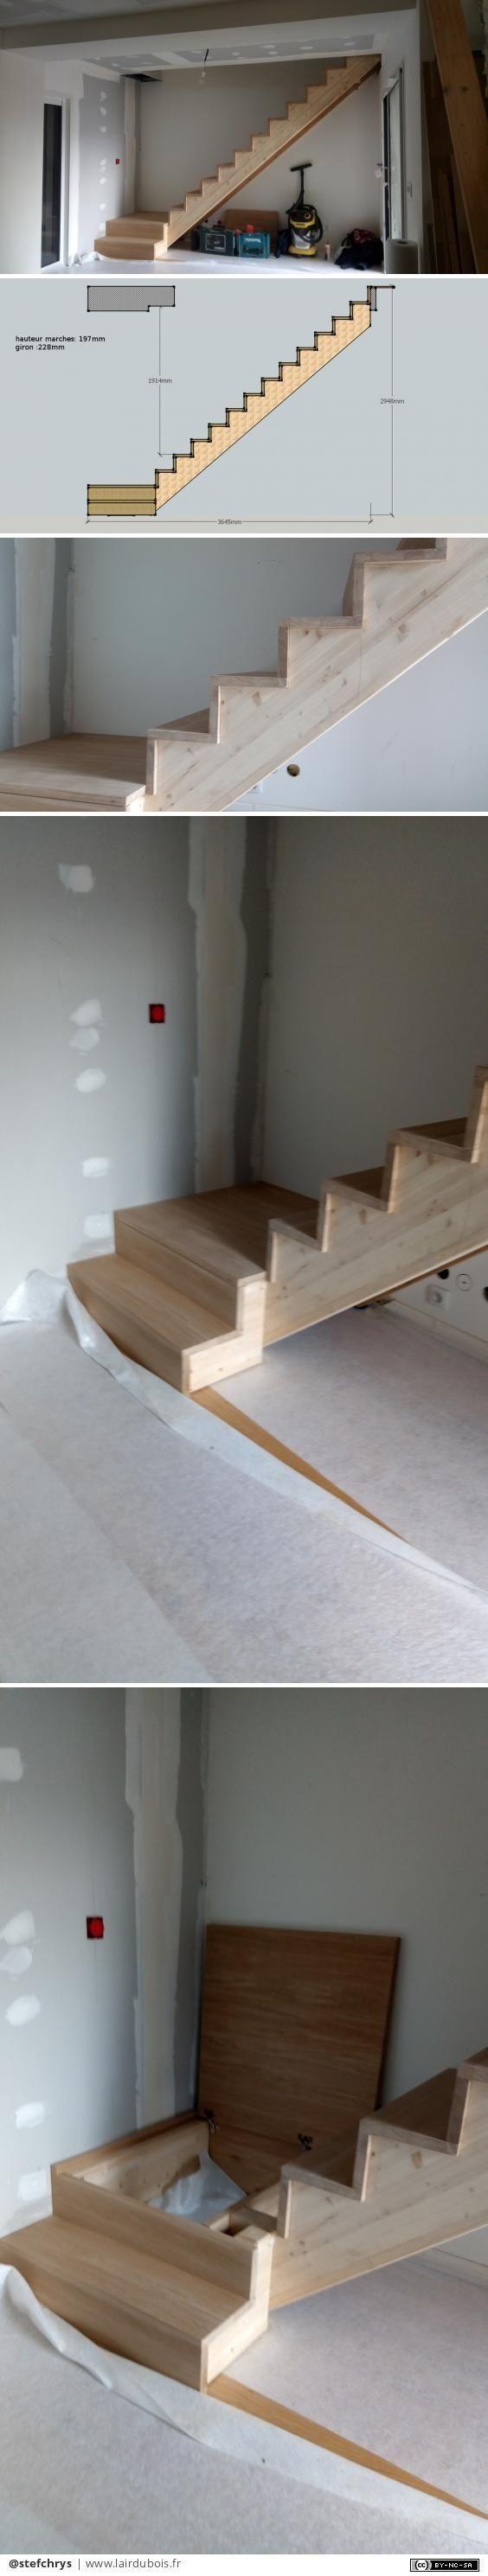 Escalier avec coffre sous palier par stefchrys – #avec #coffre #Escalier #ete #p…